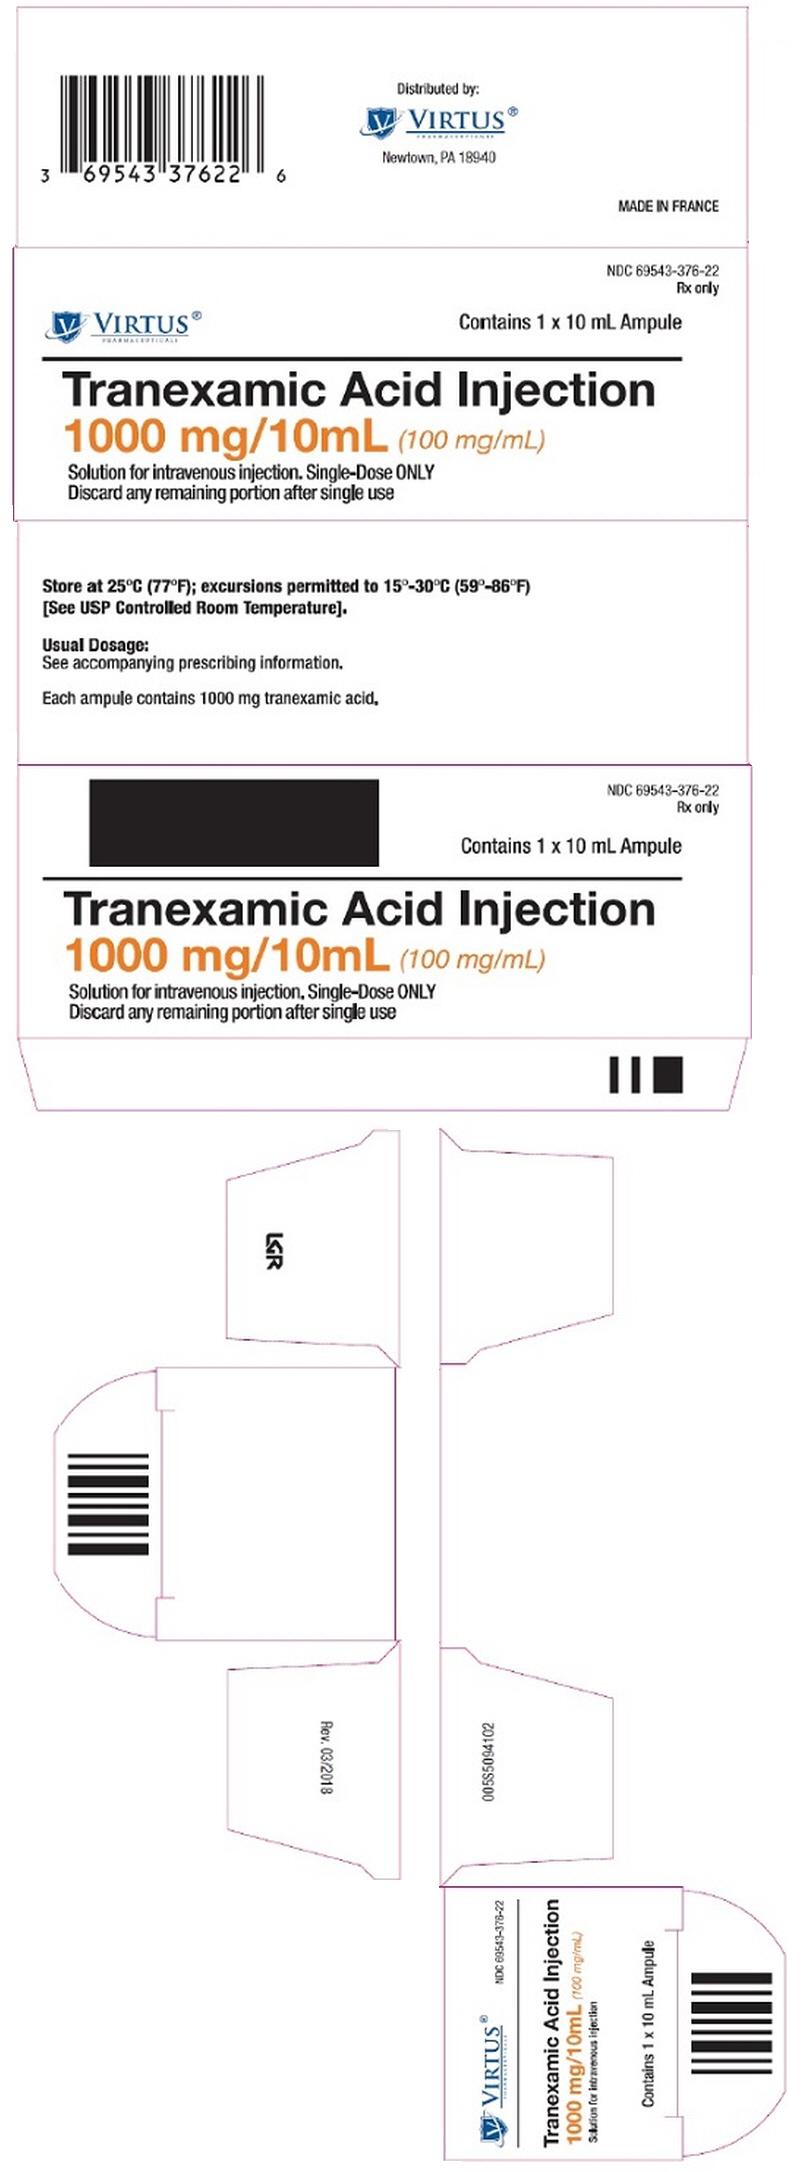 PRINCIPAL DISPLAY PANEL - 10 mL Ampule Carton